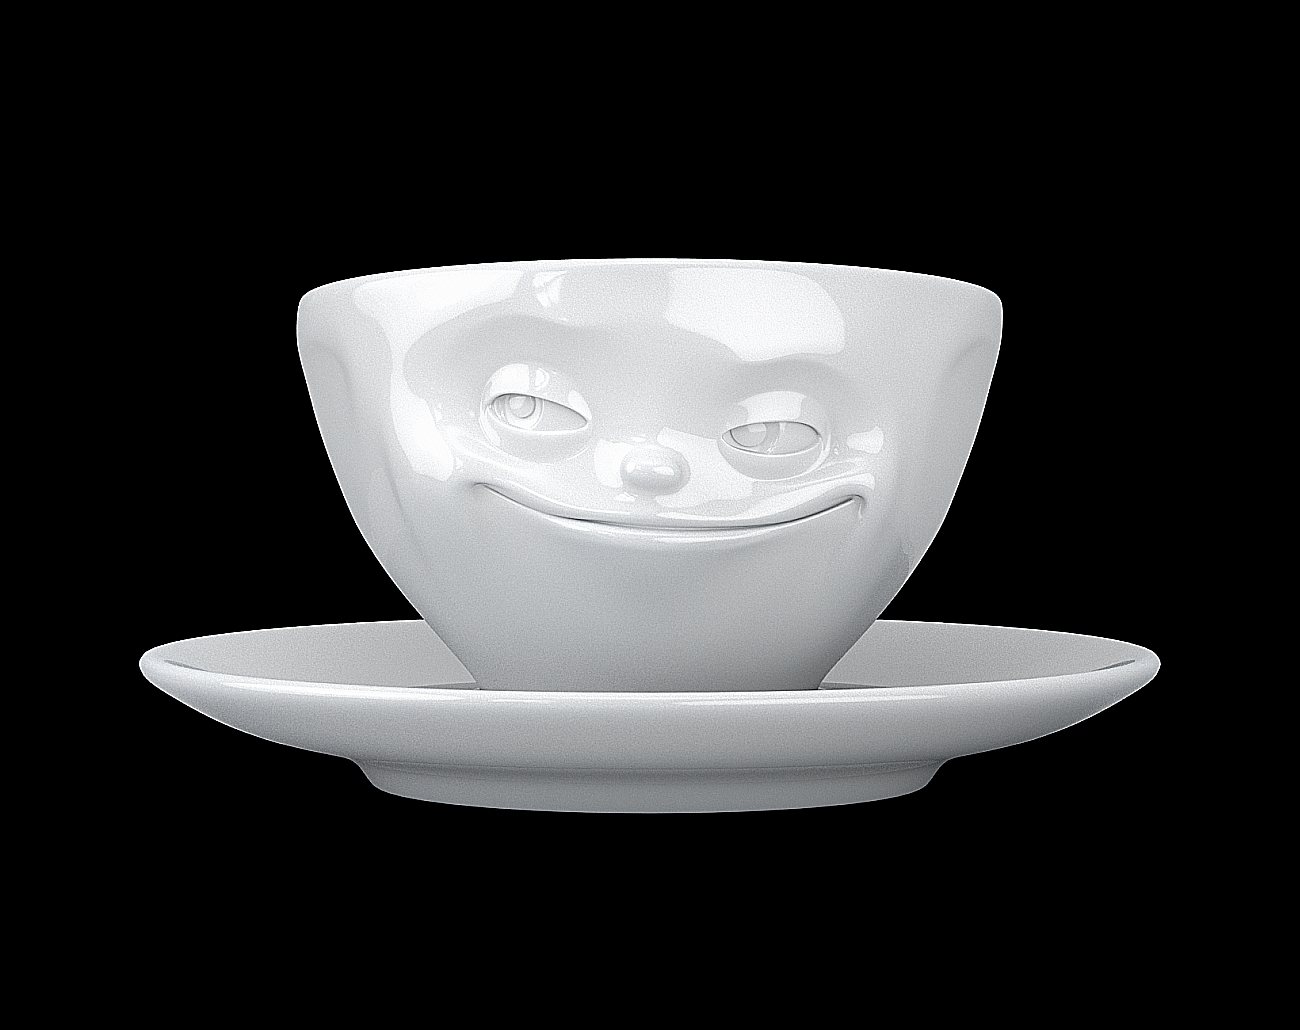 fiftyeight espressotasse tassen tv gesicht grinsend wei mit henkel. Black Bedroom Furniture Sets. Home Design Ideas